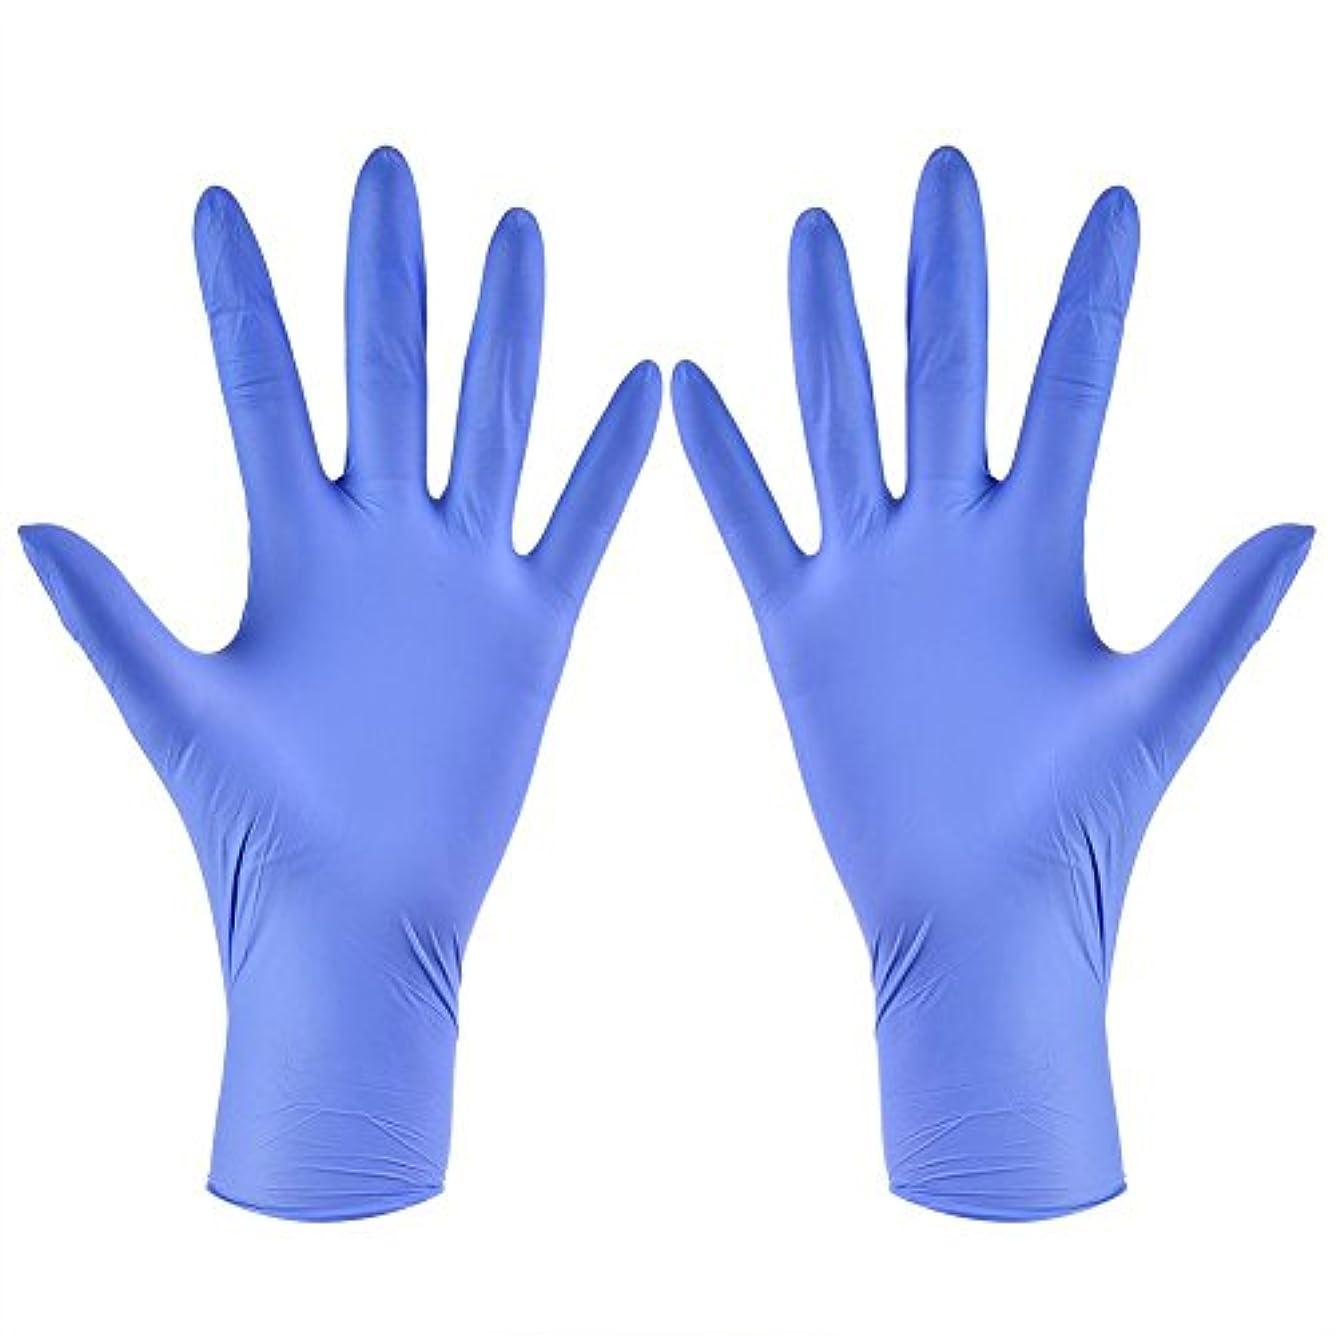 言及する切断するパラダイス使い捨て手袋 ニトリルグローブ ホワイト 粉なし タトゥー/歯科/病院/研究室に適応 S/M/L/XL選択可 100枚 左右兼用(XL)